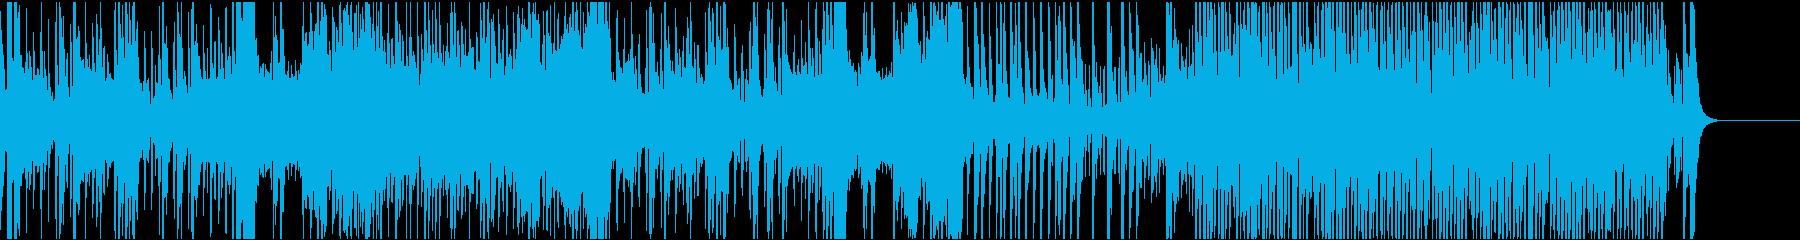 和風 珍道中の再生済みの波形